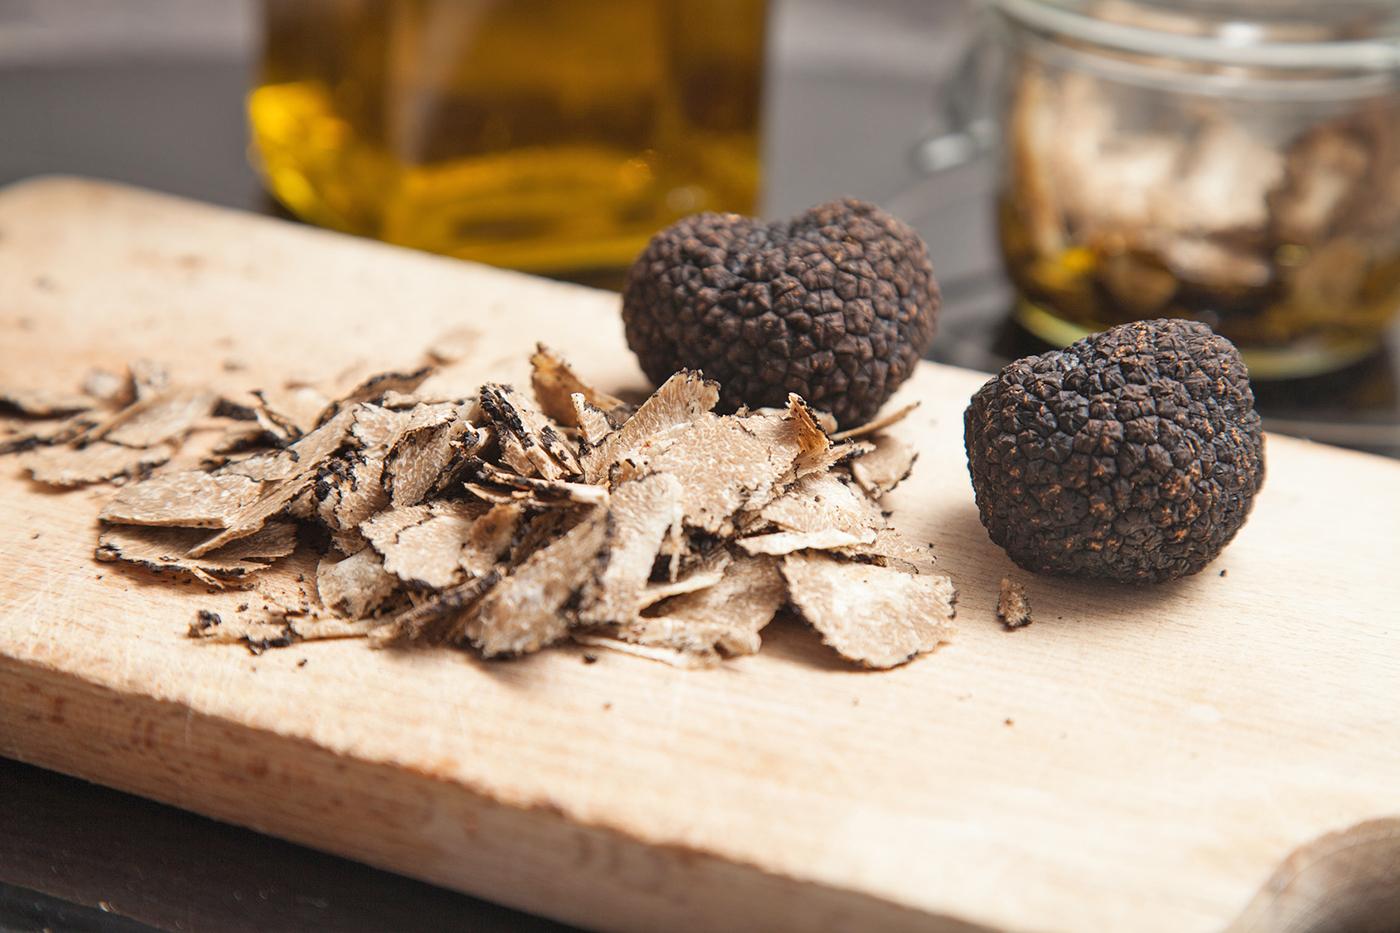 Ontdek de wereld van truffel!